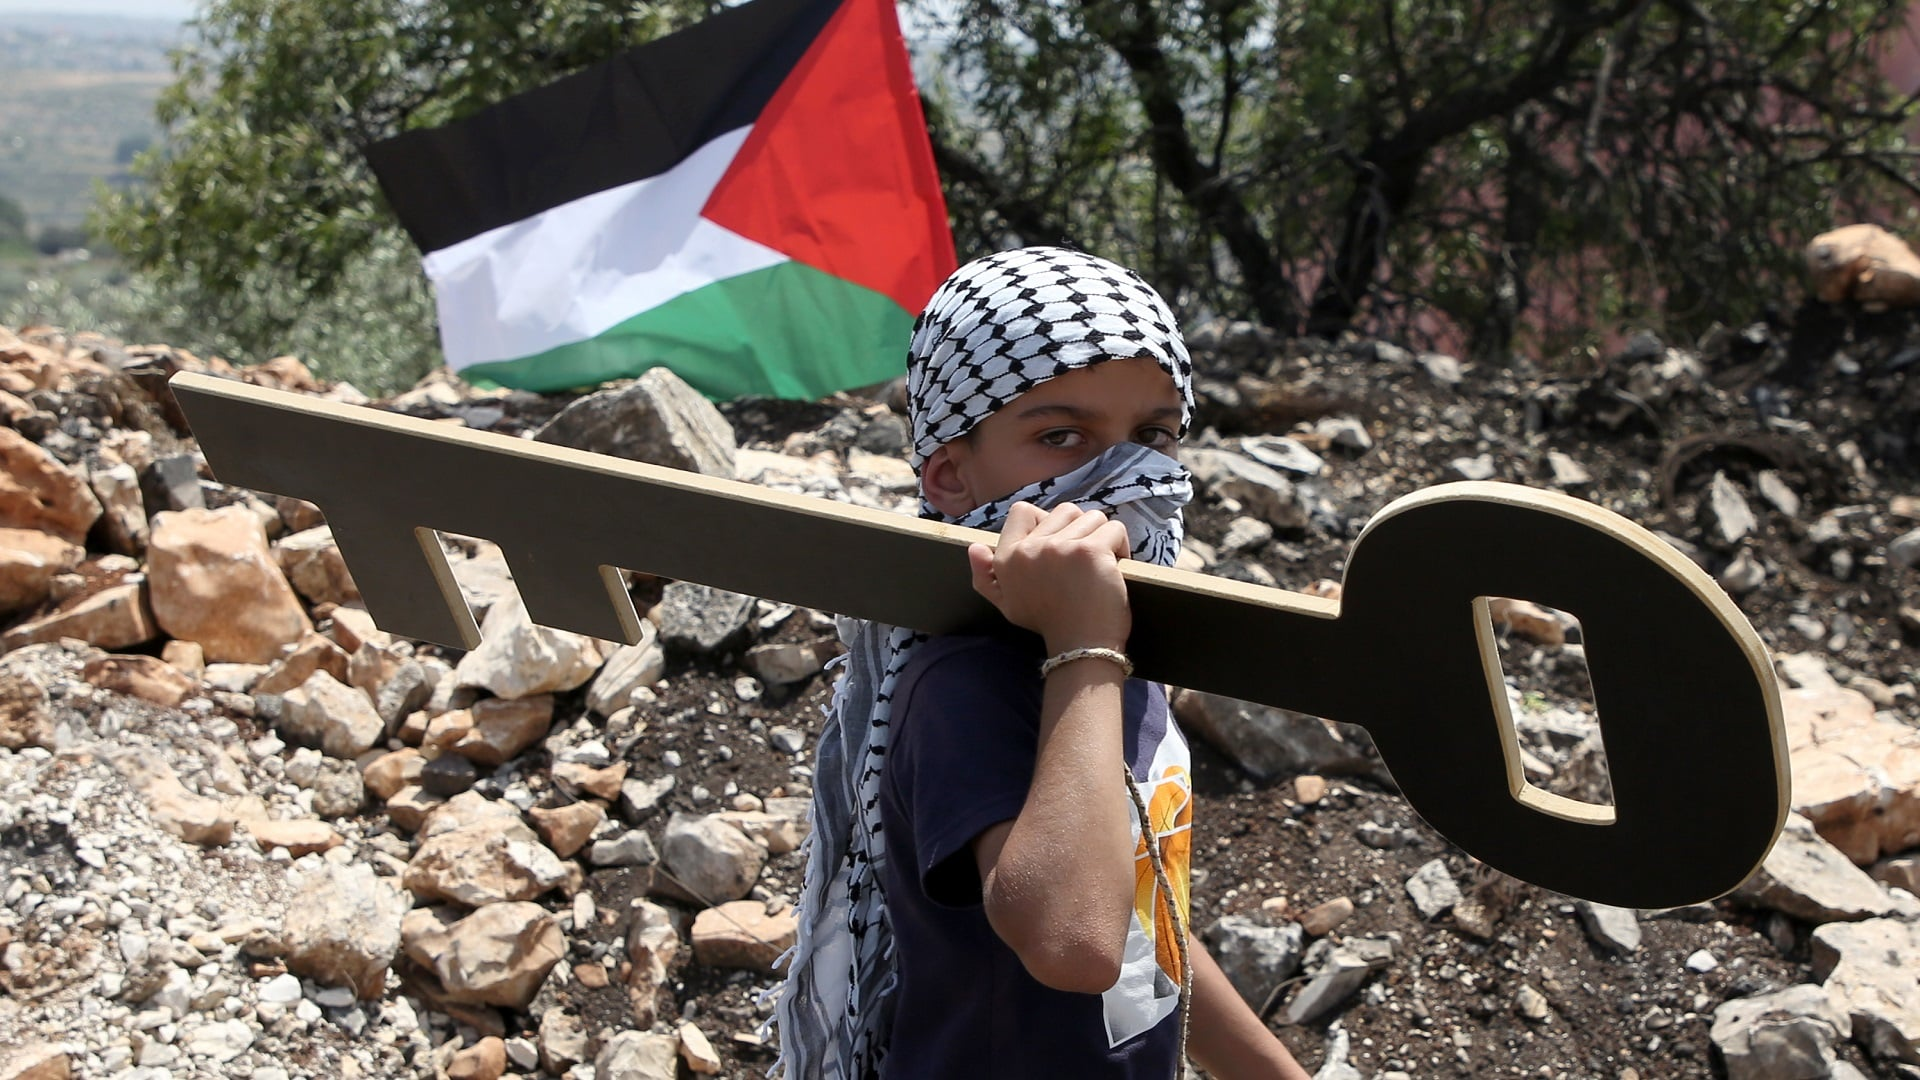 Gaza, garantire a tutti gli stessi diritti e decidere se stare con gli oppressi o con gli oppressori.